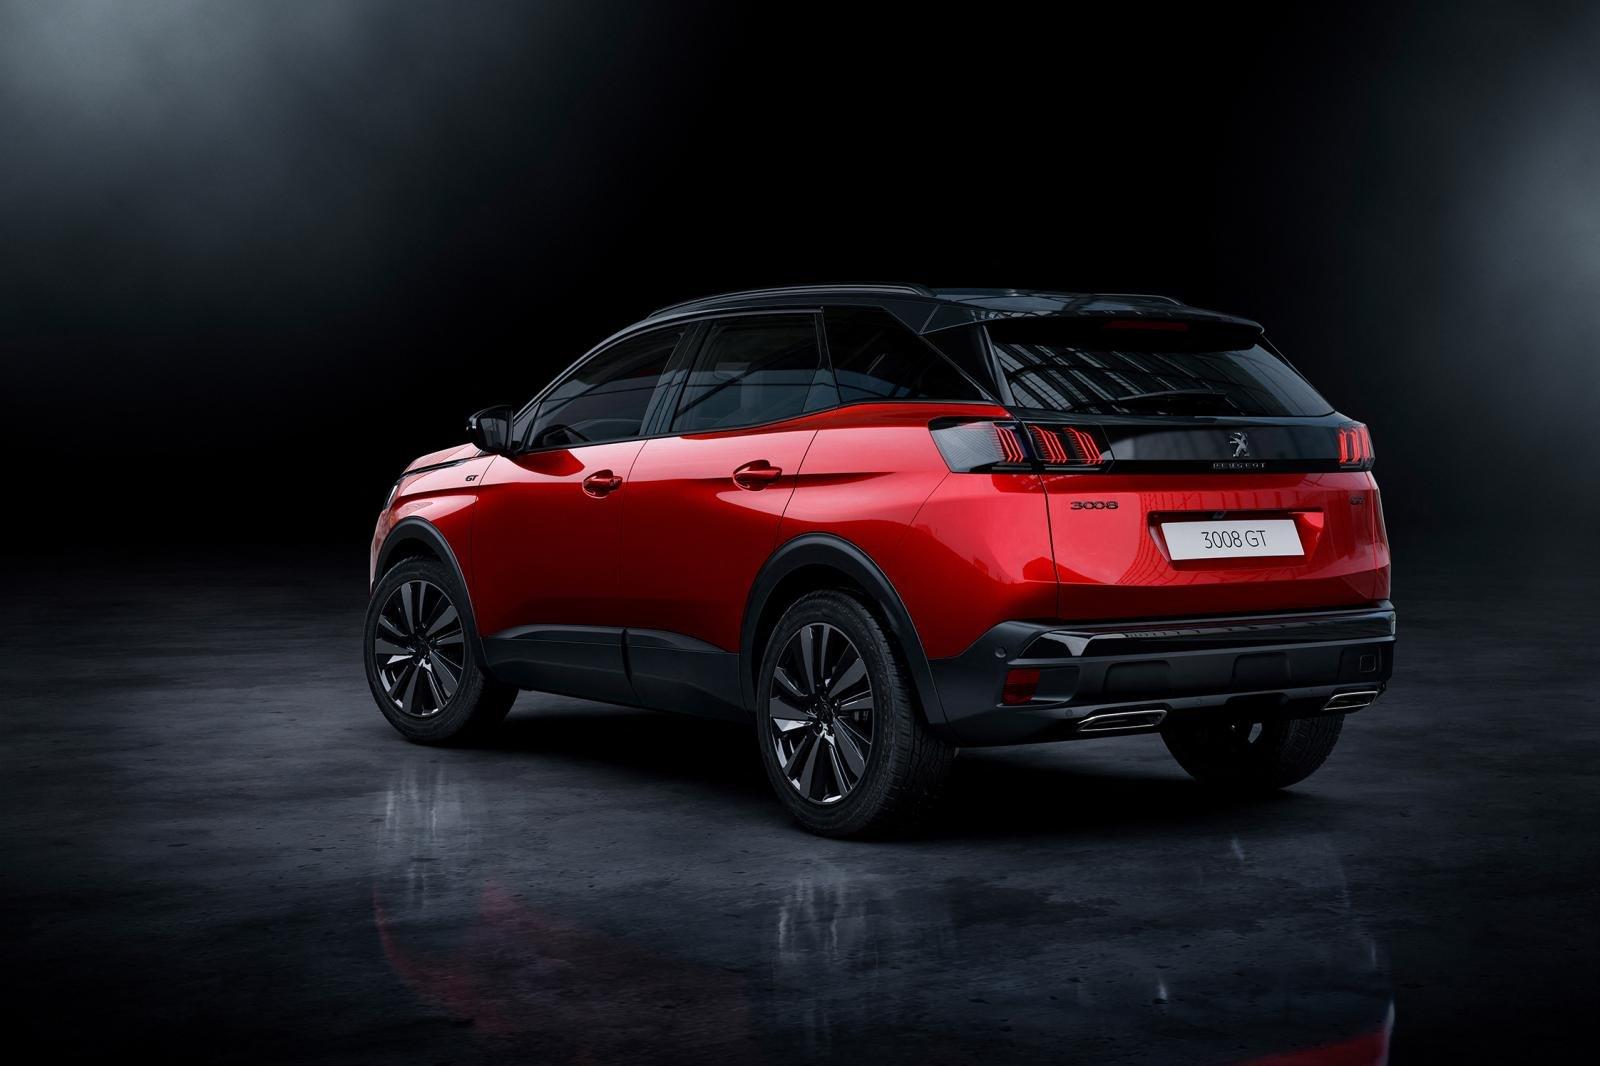 Đánh giá xe Peugeot 3008 2021 về thiết kế thân xe - Ảnh 1.